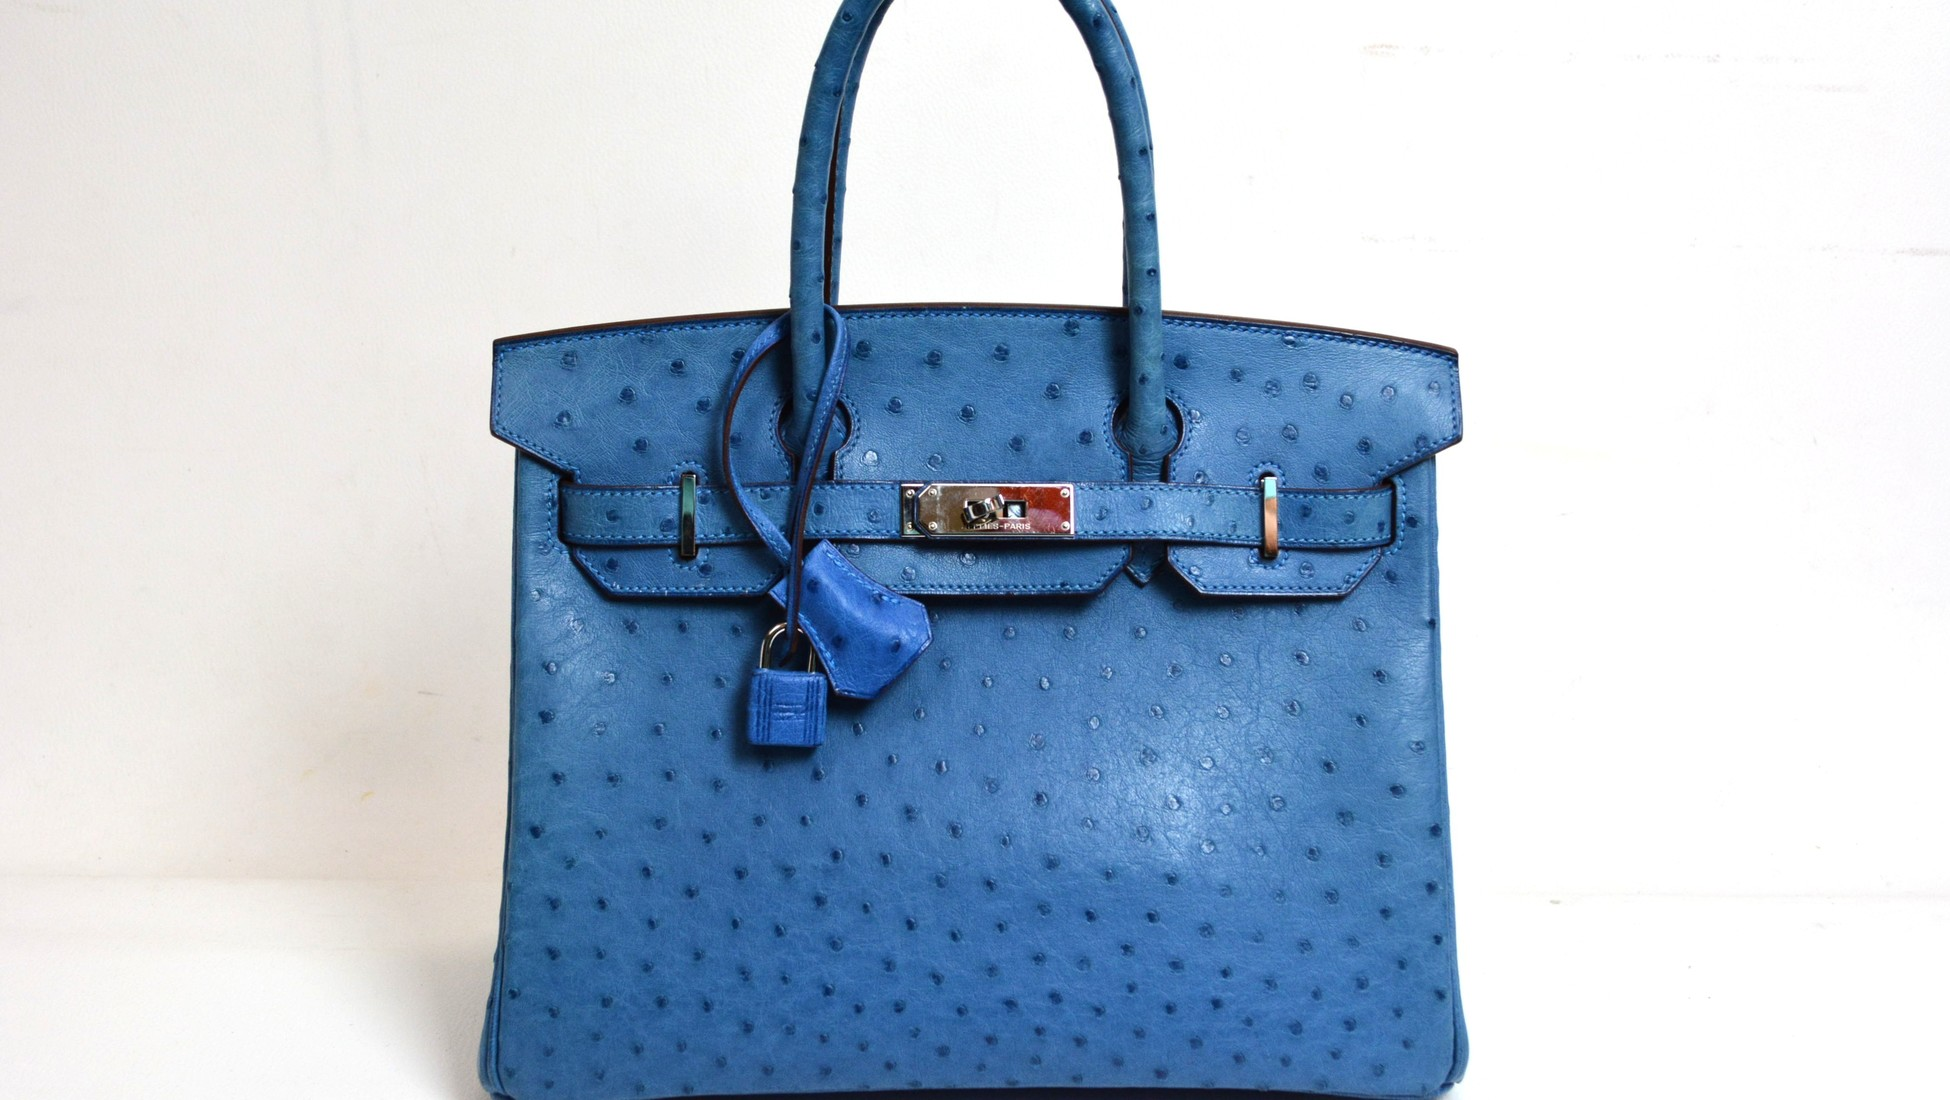 292e851825d8 Le premier sac dessiné par Coco Chanel en 1929 était une pochette, tout à  fait semblable aux sacs existants et destinés aux femmes de la ...